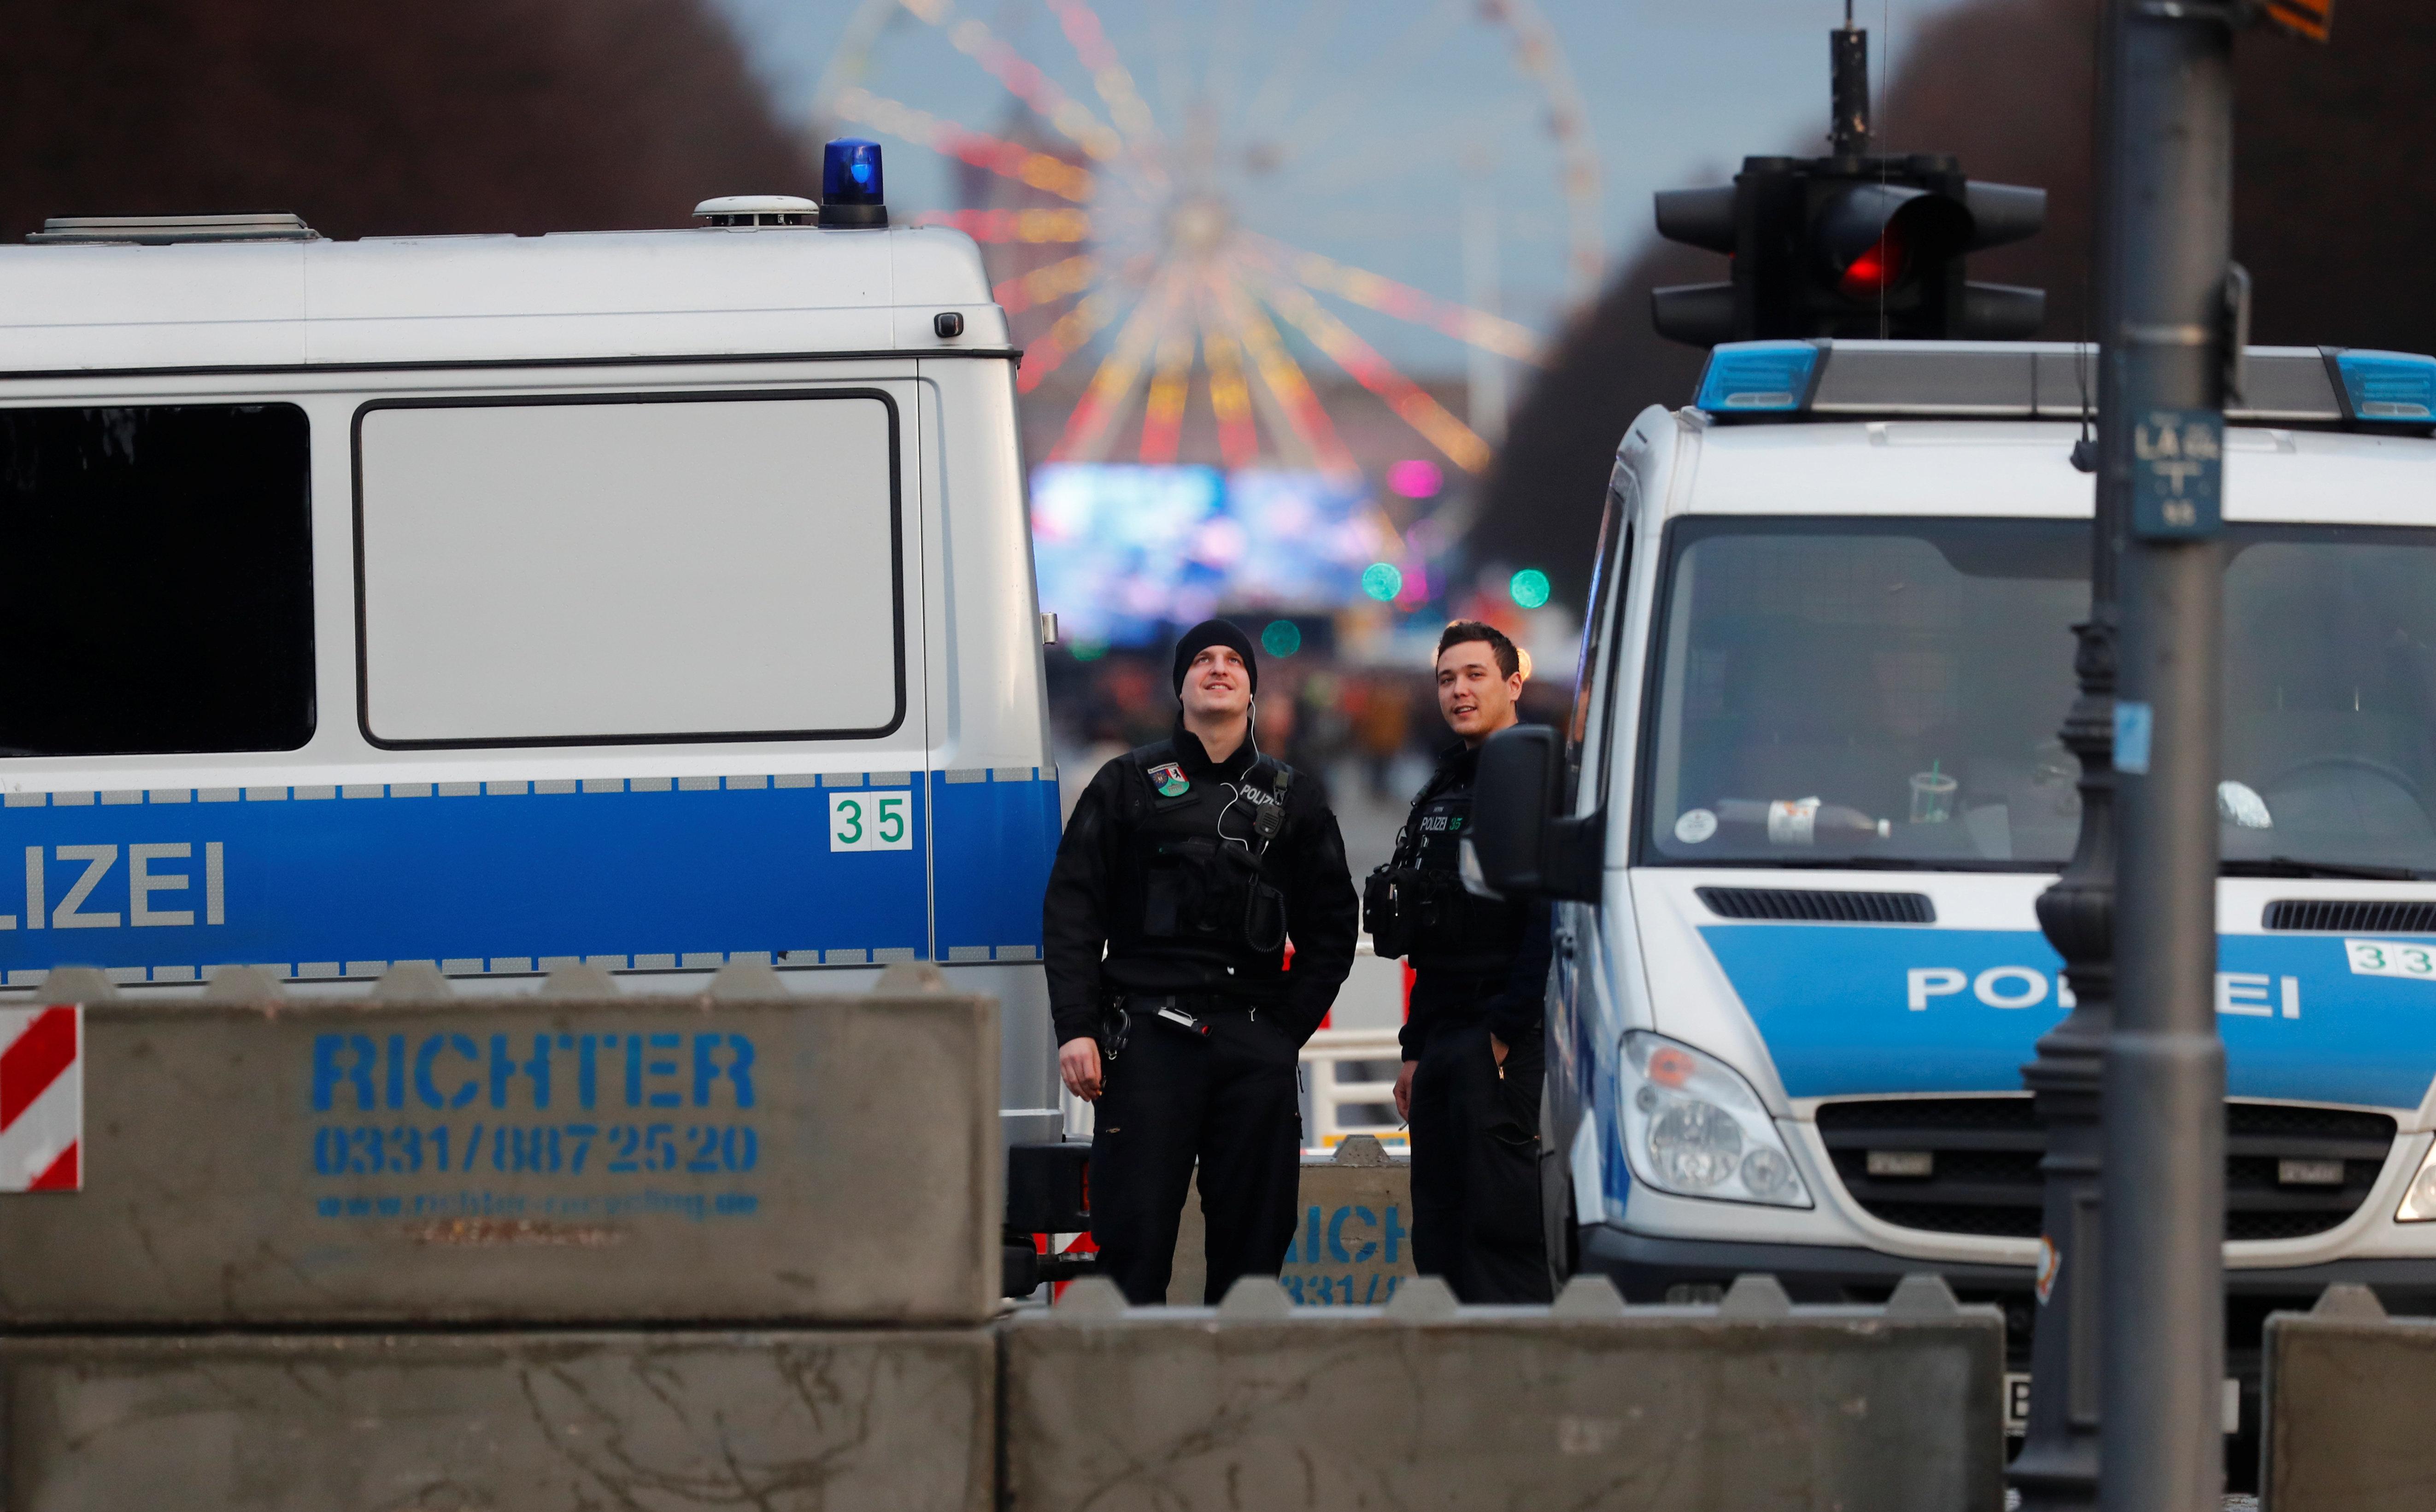 Dortmund: Frau meldet Diebstahl bei Polizei, dabei macht sie fatalen Fehler